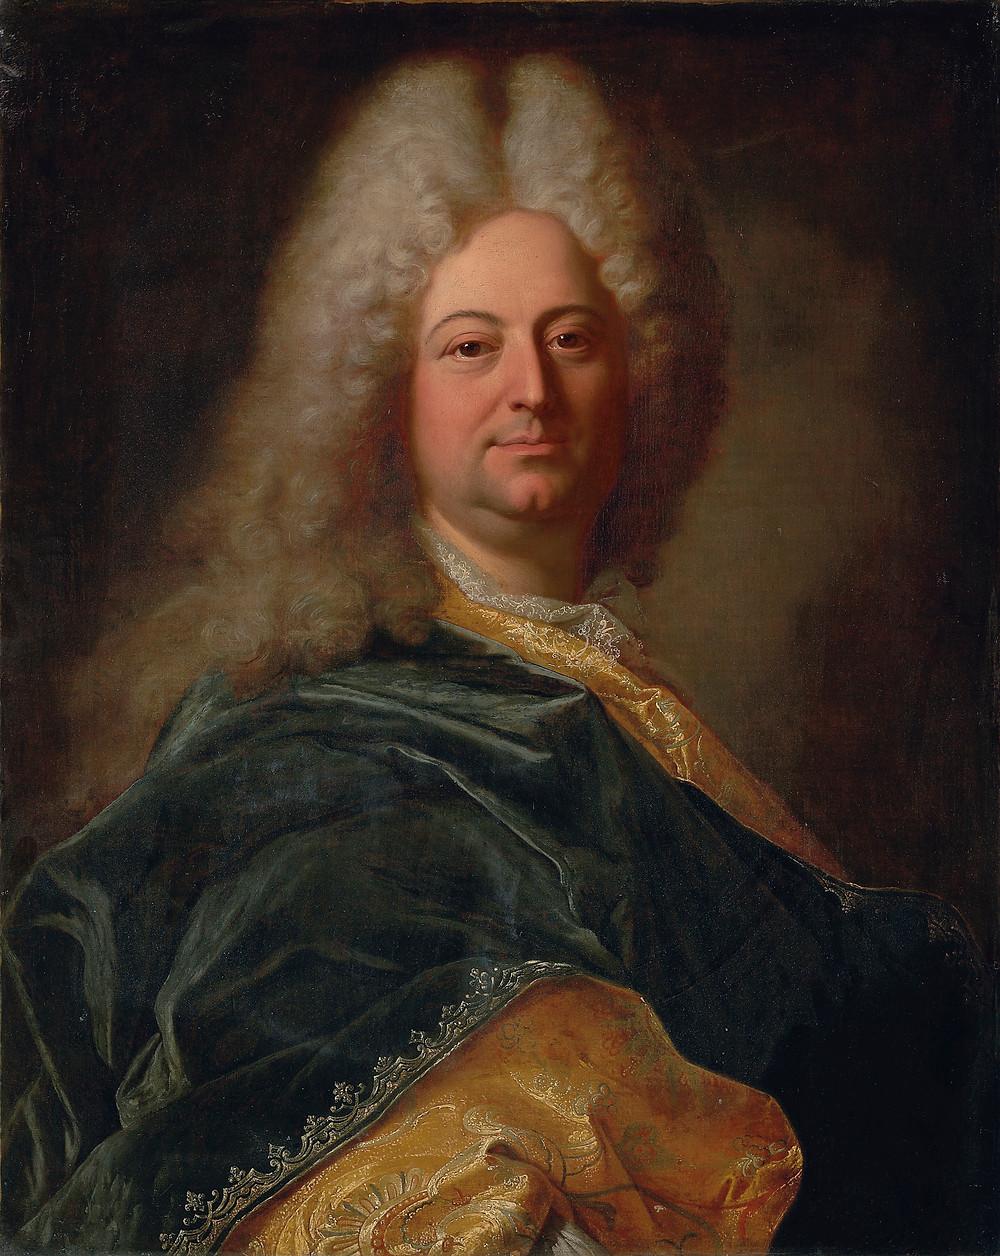 Hyacinthe Rigaud, Portrait de Guillaume III Scot de la Mésangère, 1712, collection particulière